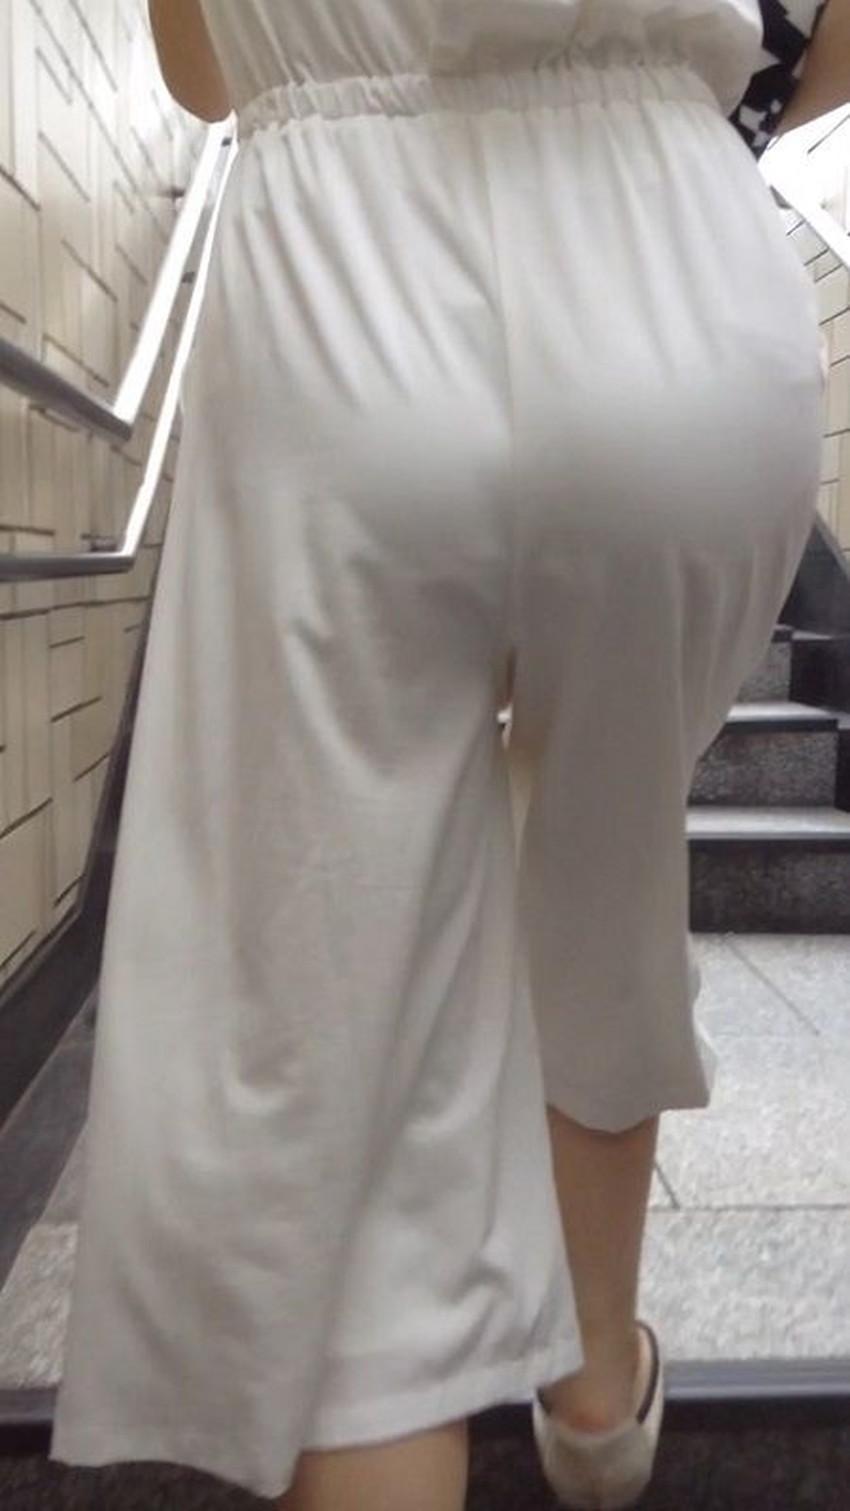 【ガウチョパンツエロ画像】街中で透けパンやパンティーラインが盗撮できちゃうガウチョパンツのエロ画像集ww!w【80枚】 27